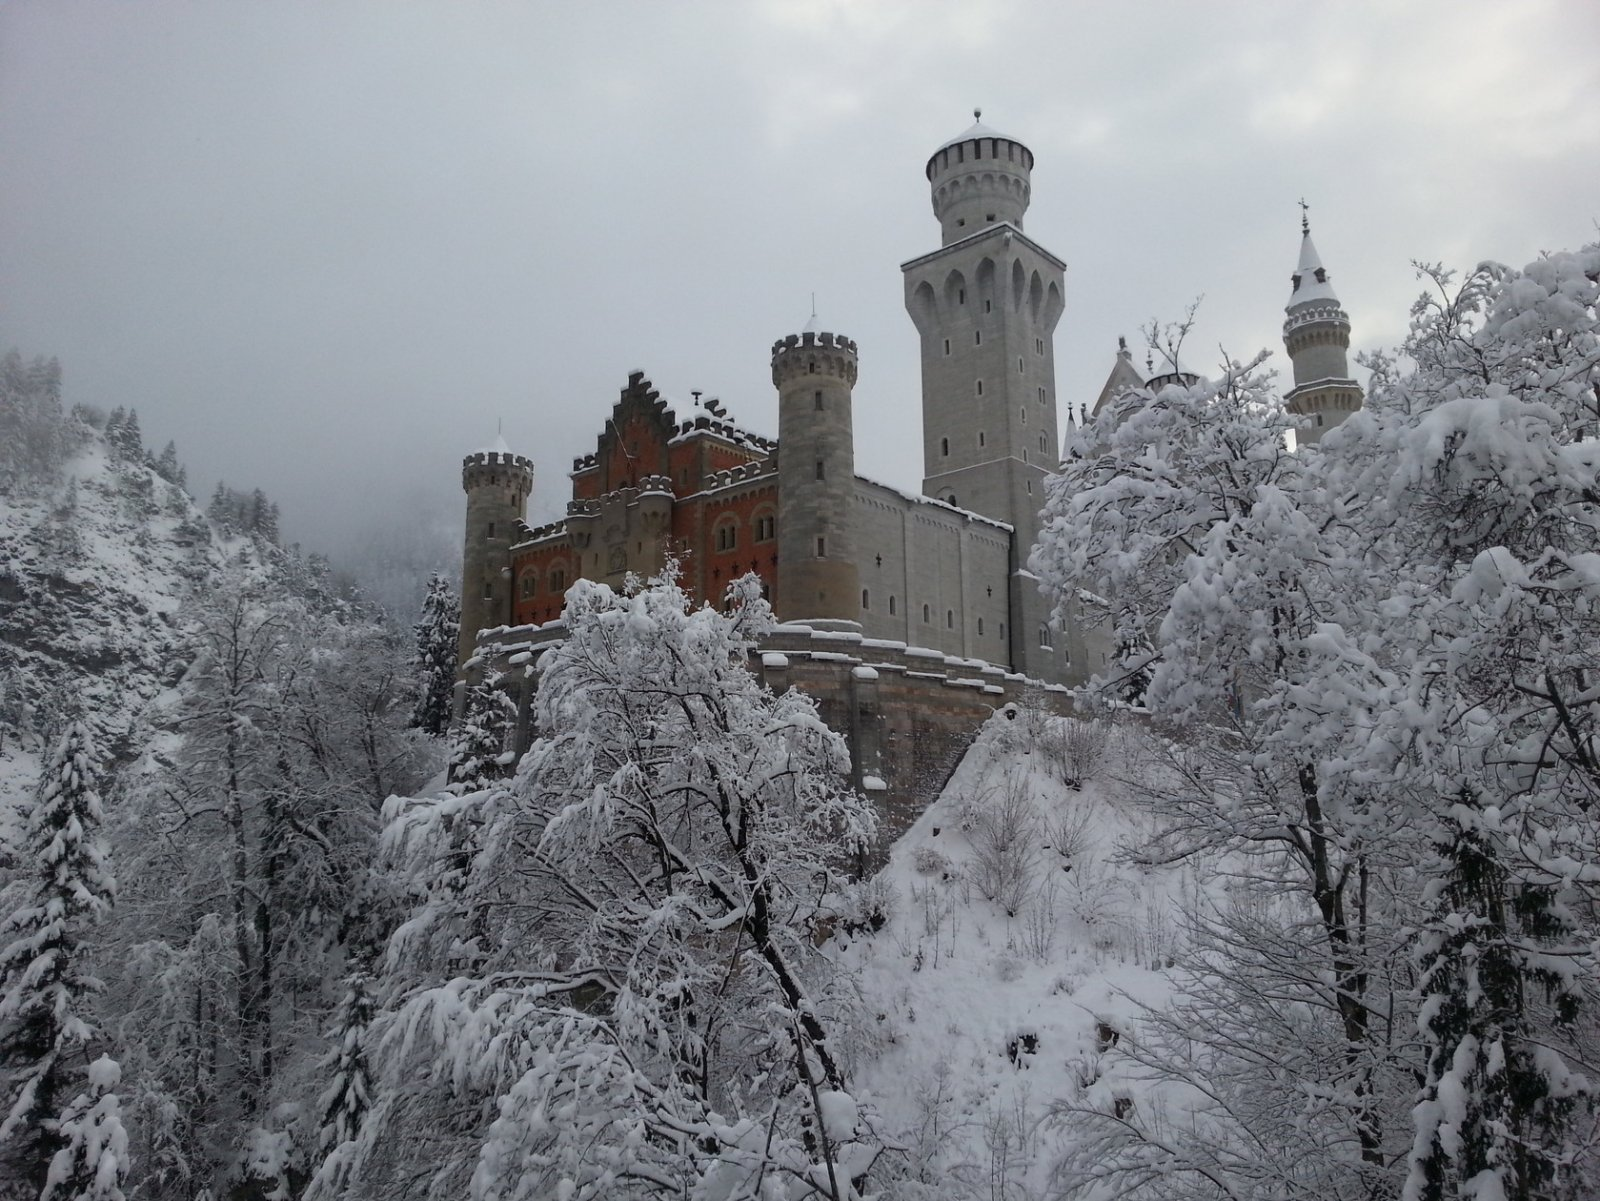 Замок короля Людвига II Нойшванштайн, церковь Вискирхе, деревня Обераммергау